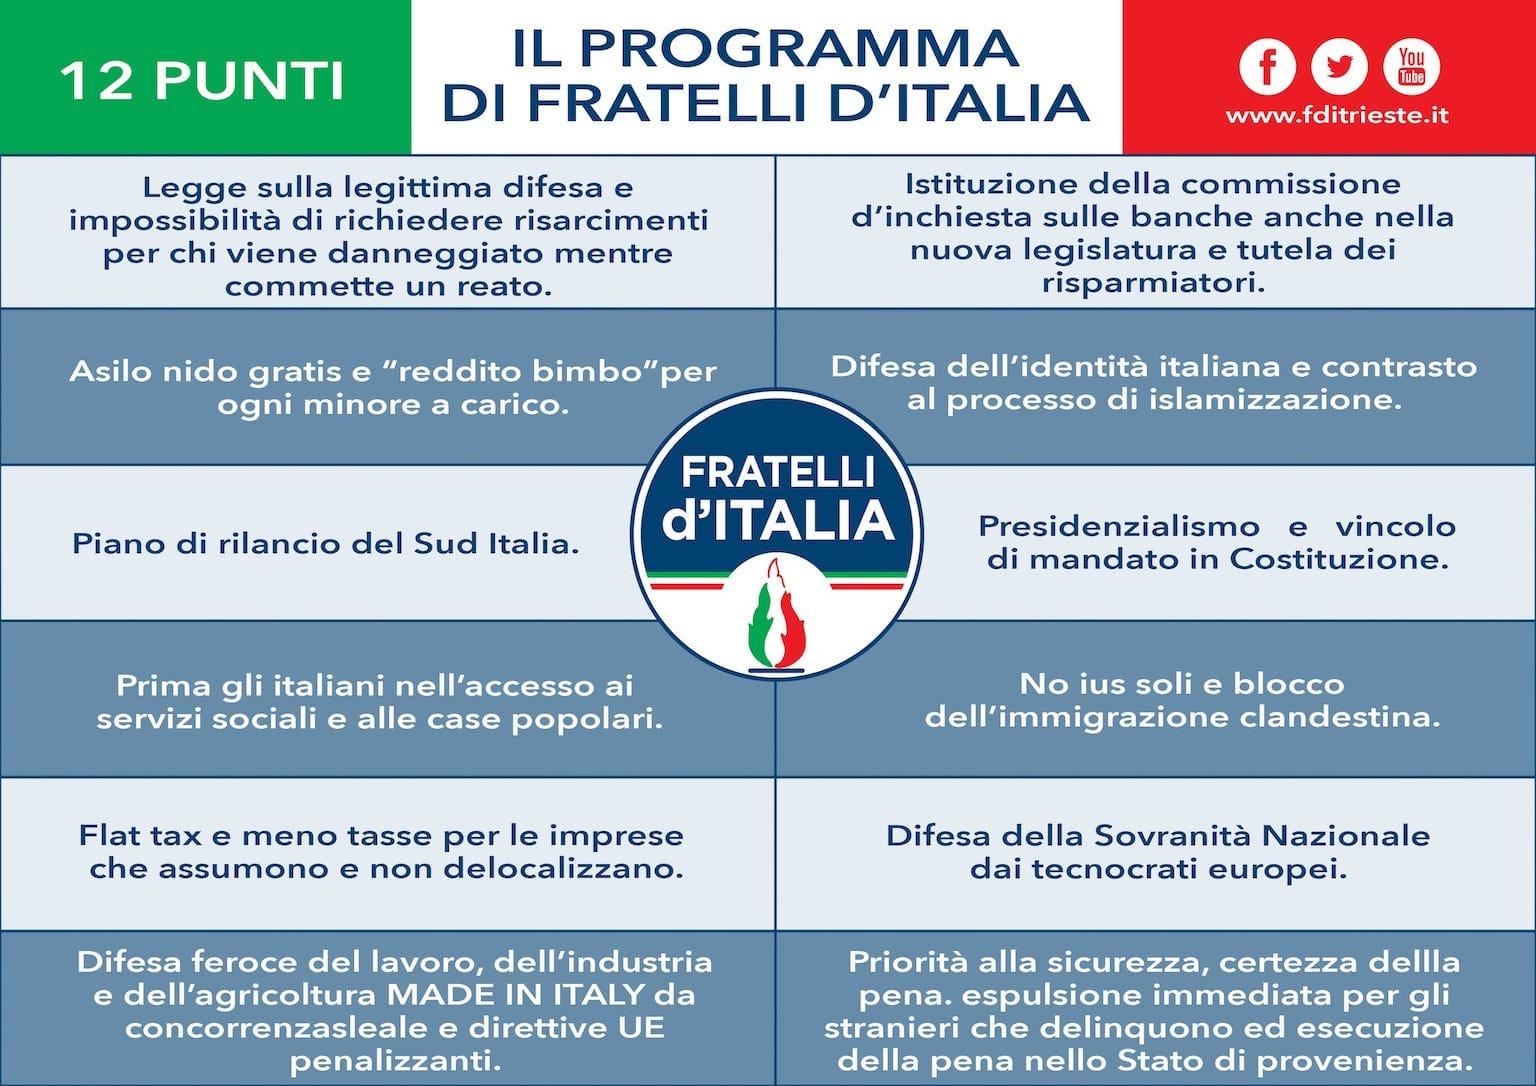 Programma politico di Fratelli d'Italia in 12 punti